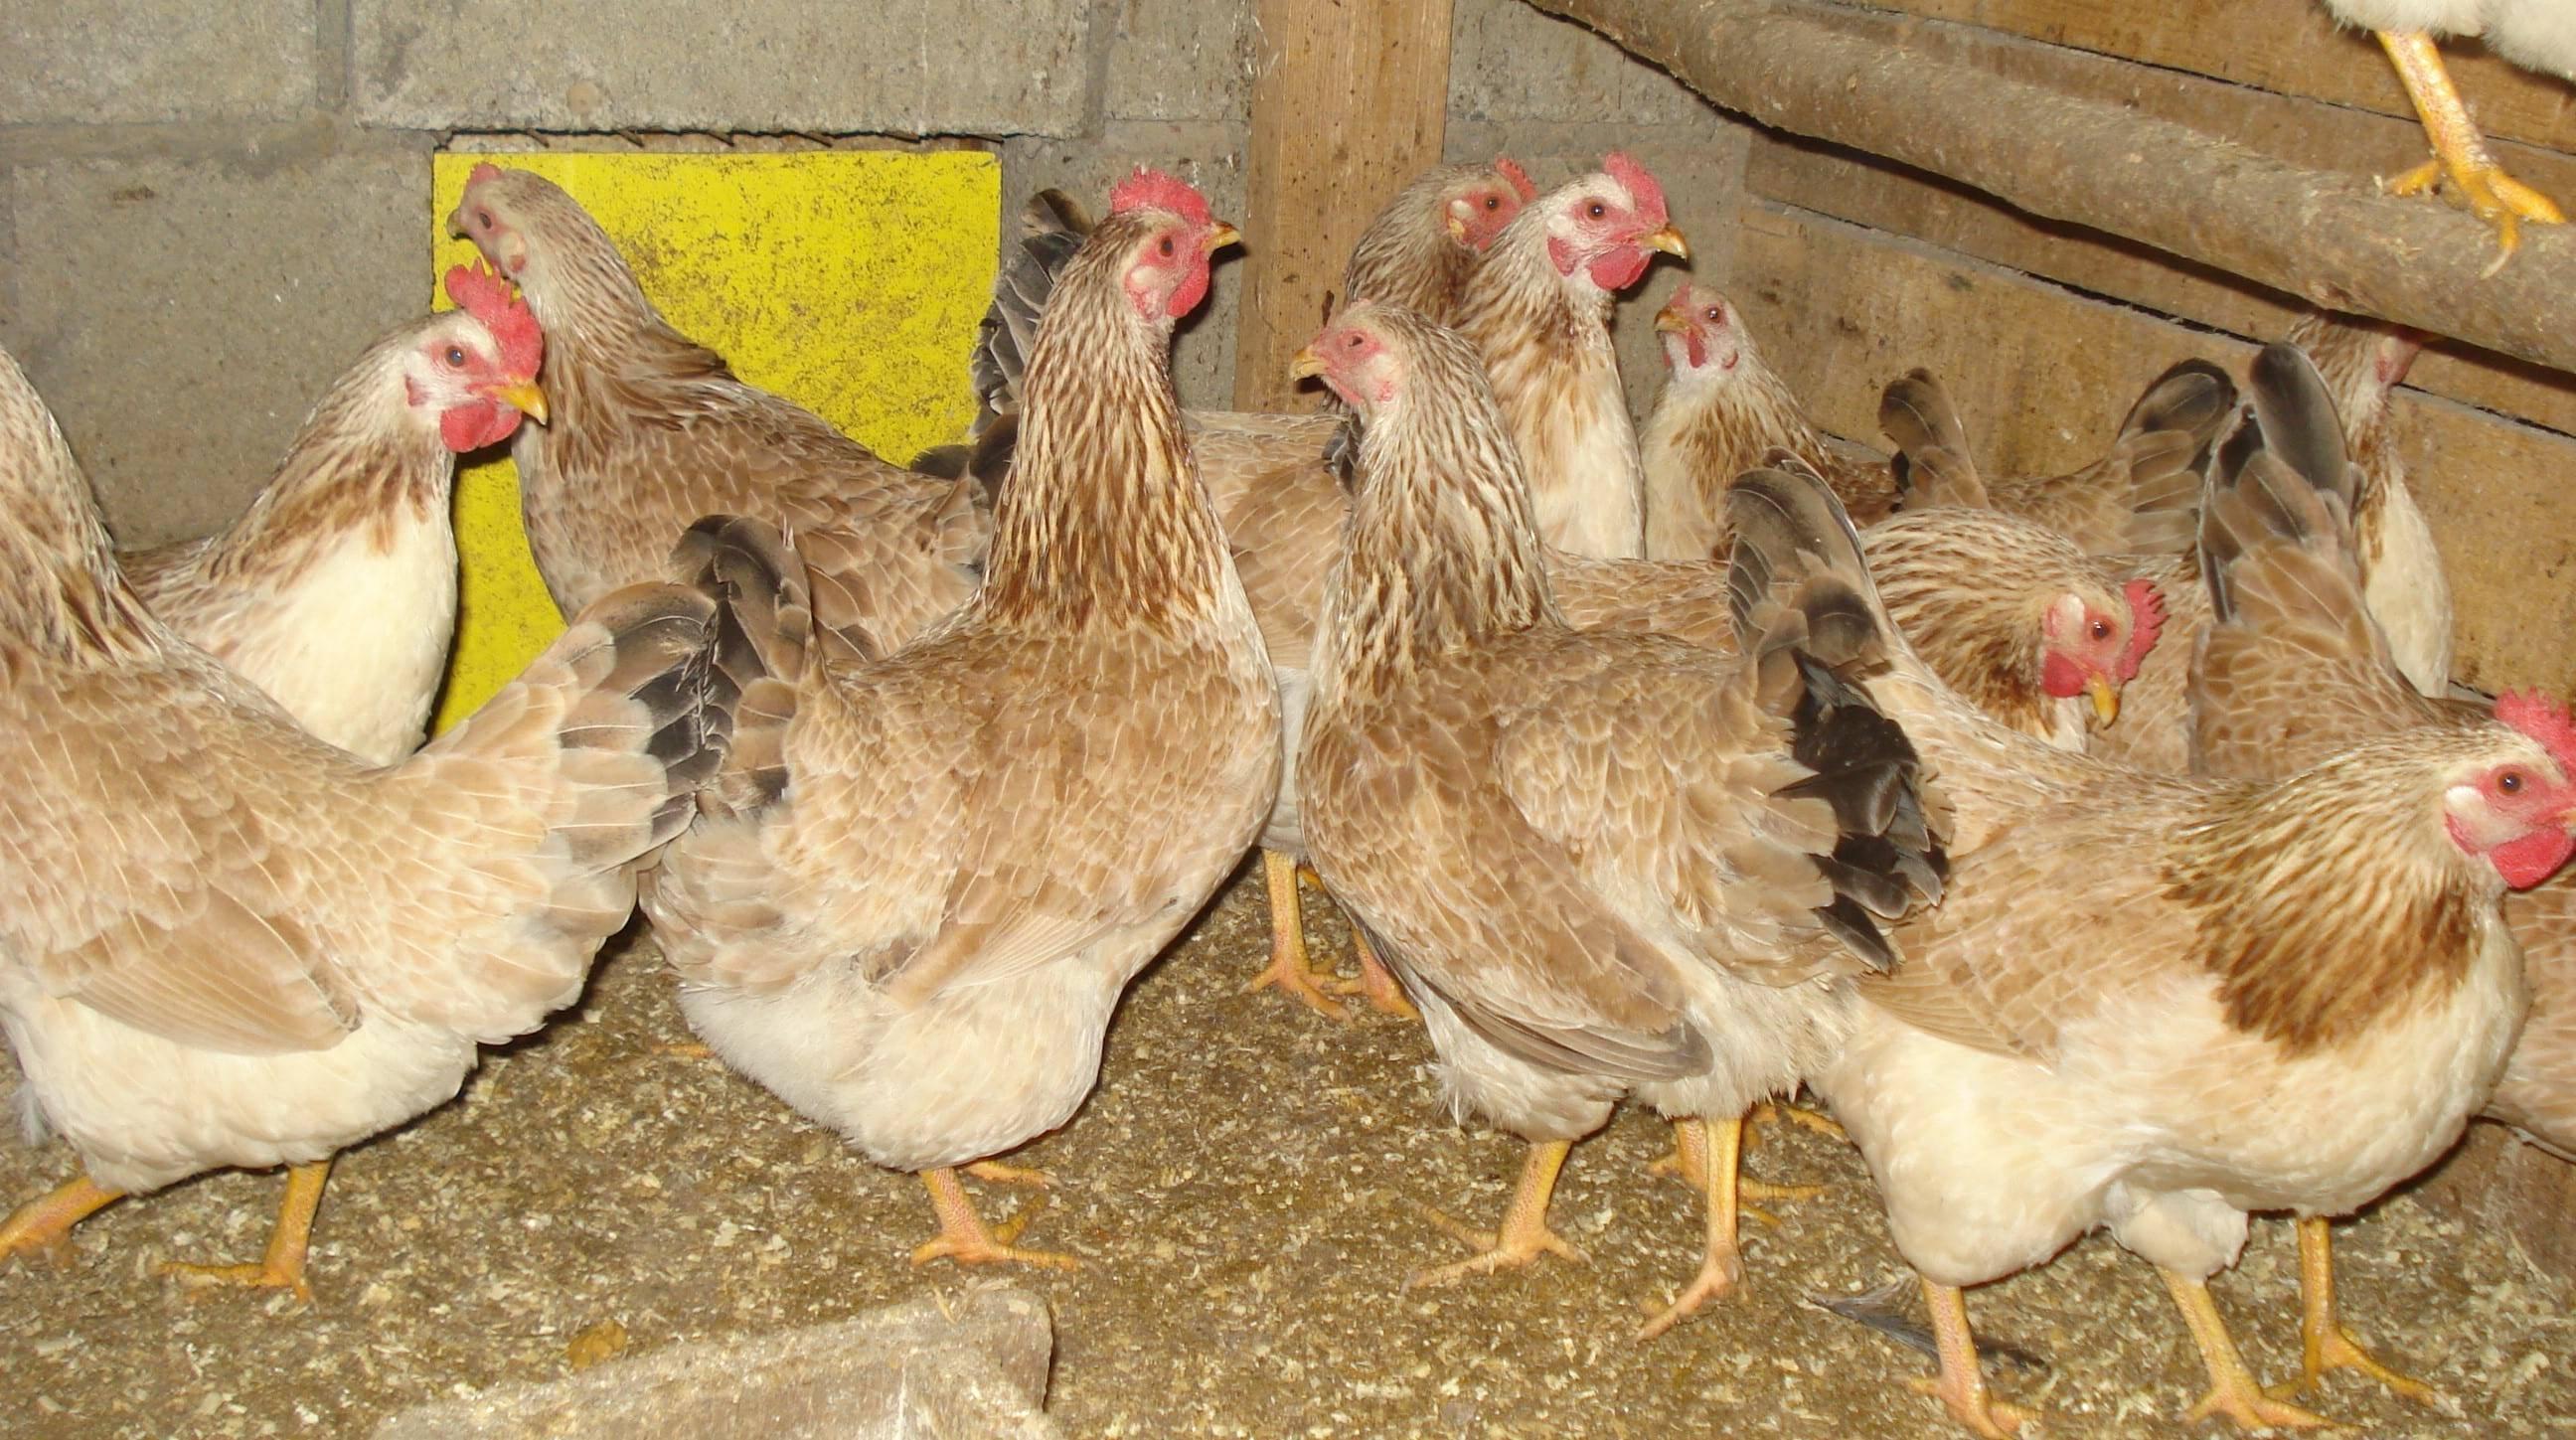 Загорская лососевая порода кур - стабильные яйца до 90 грамм!